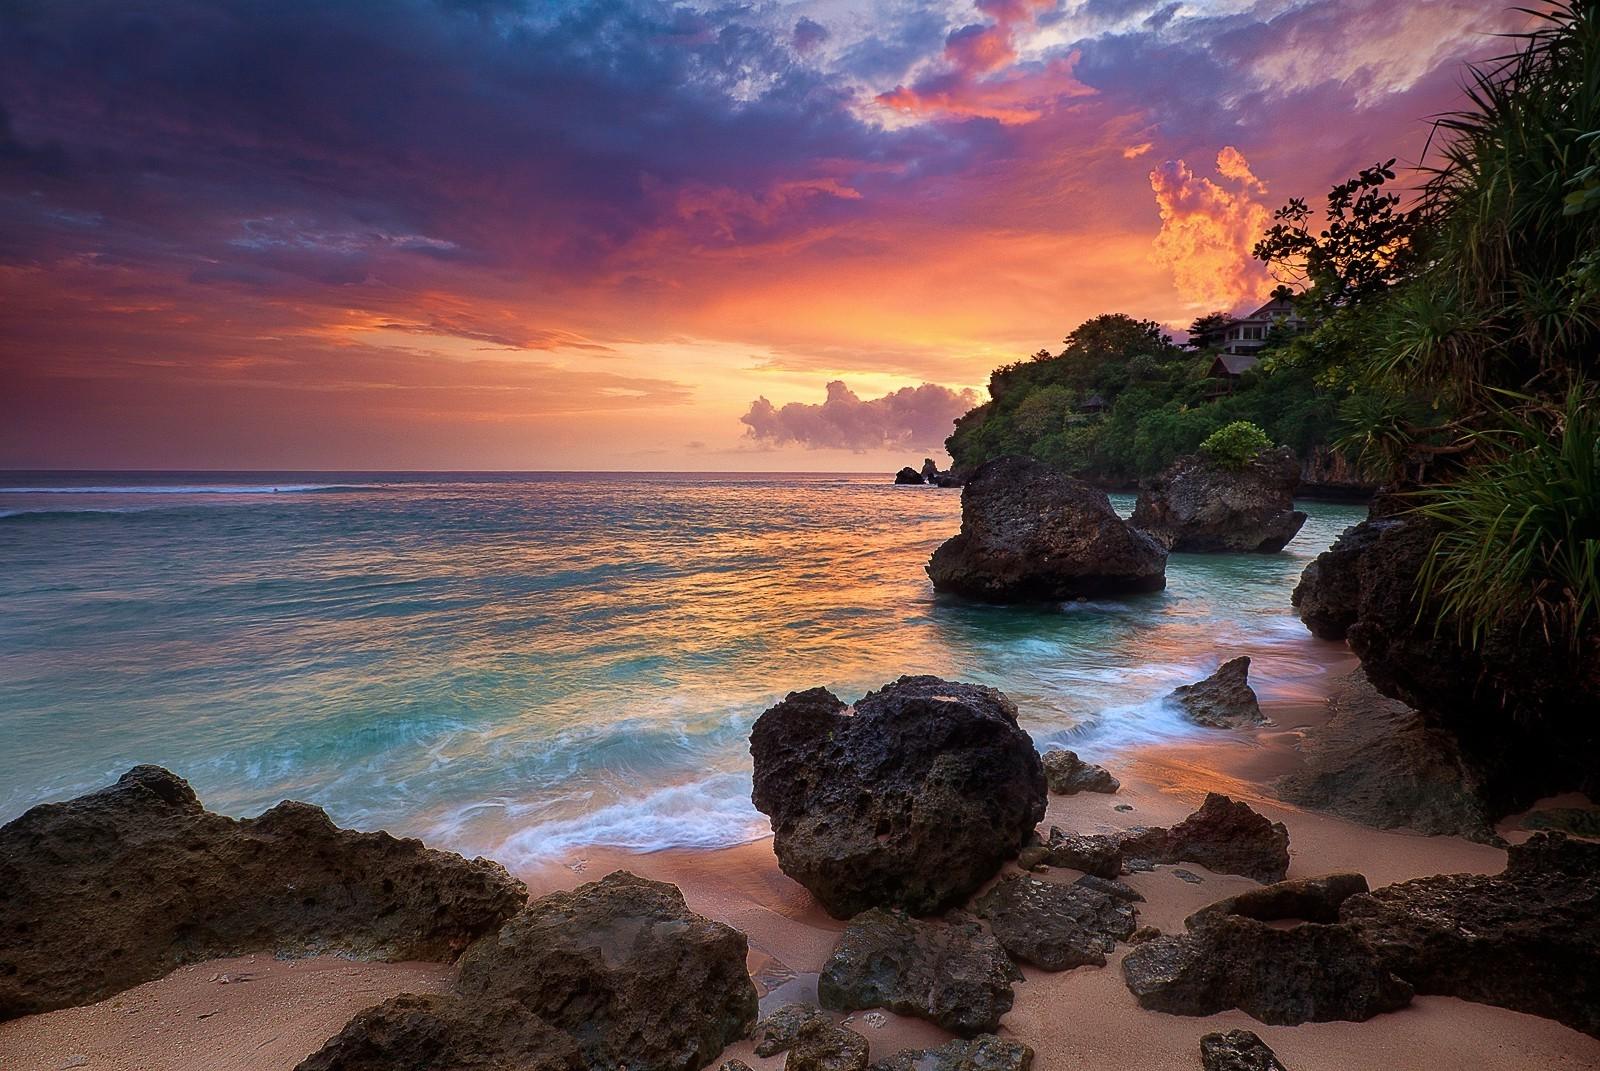 Fond d'écran : paysage, le coucher du soleil, mer, baie, Roche, la nature, rive, le sable, des ...